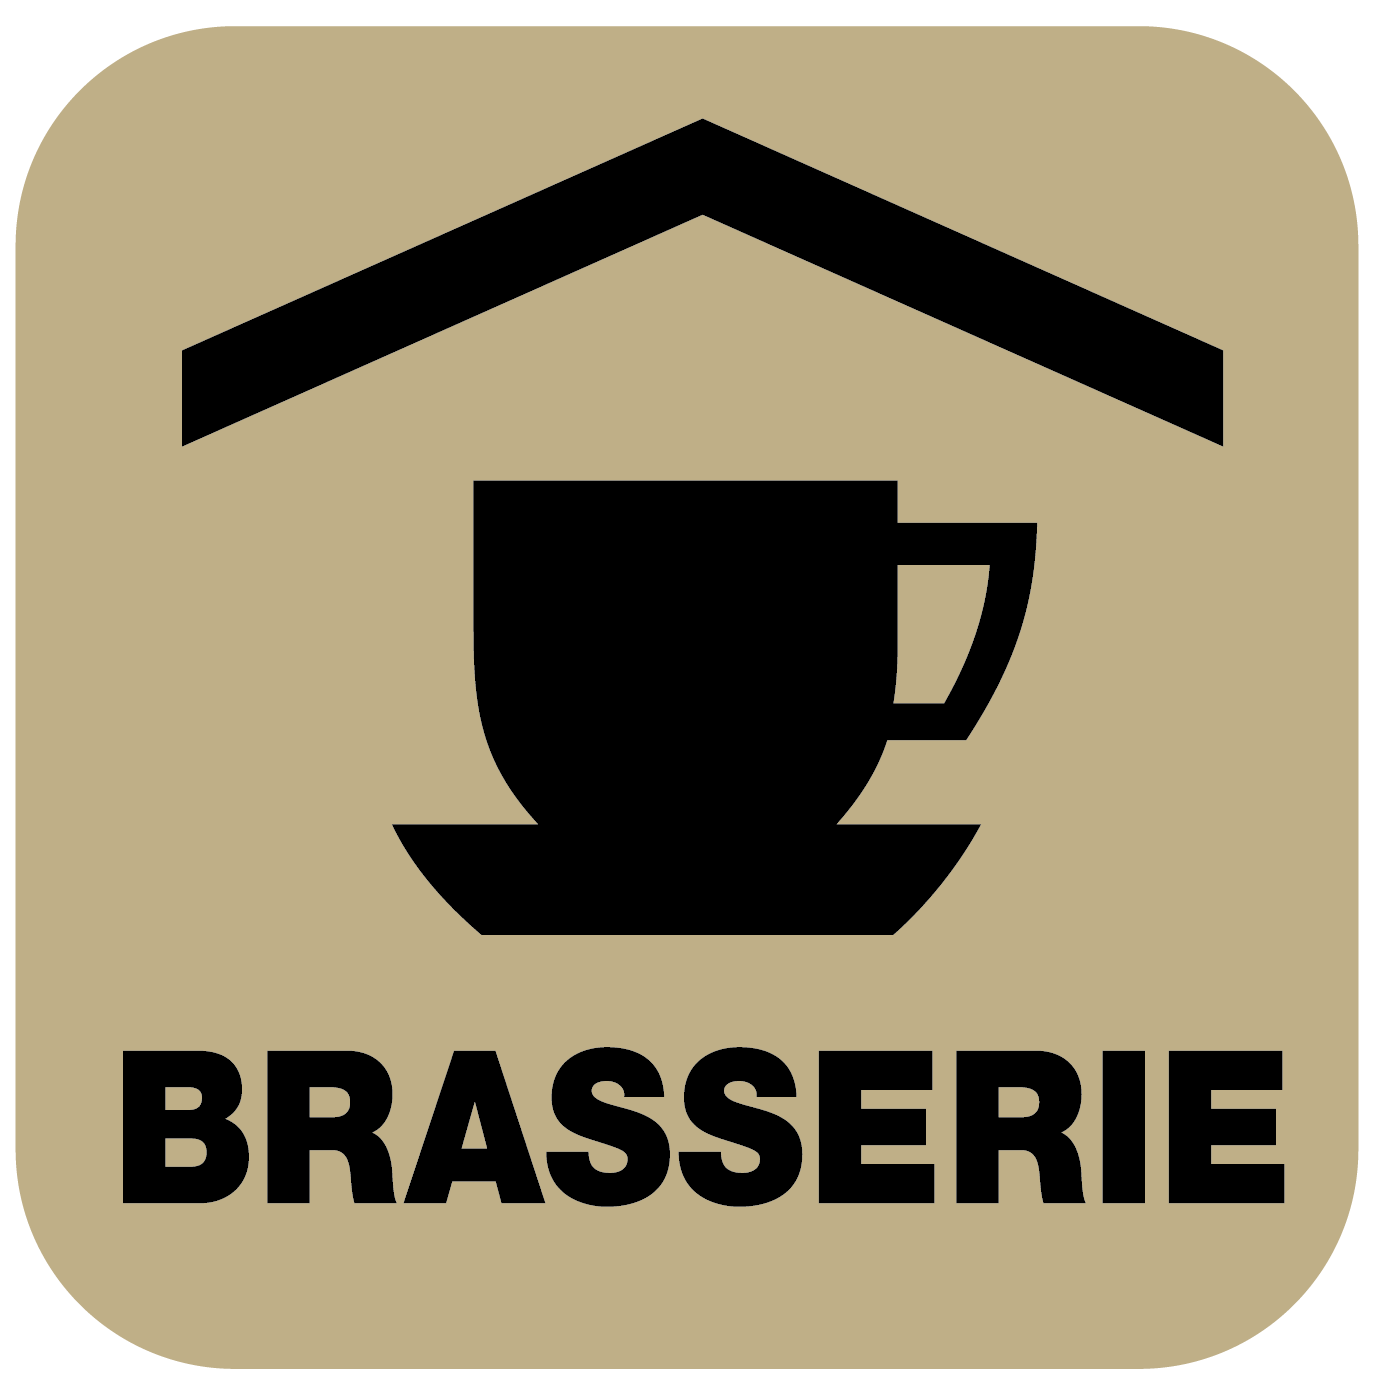 Brasserie pyrenees orientales